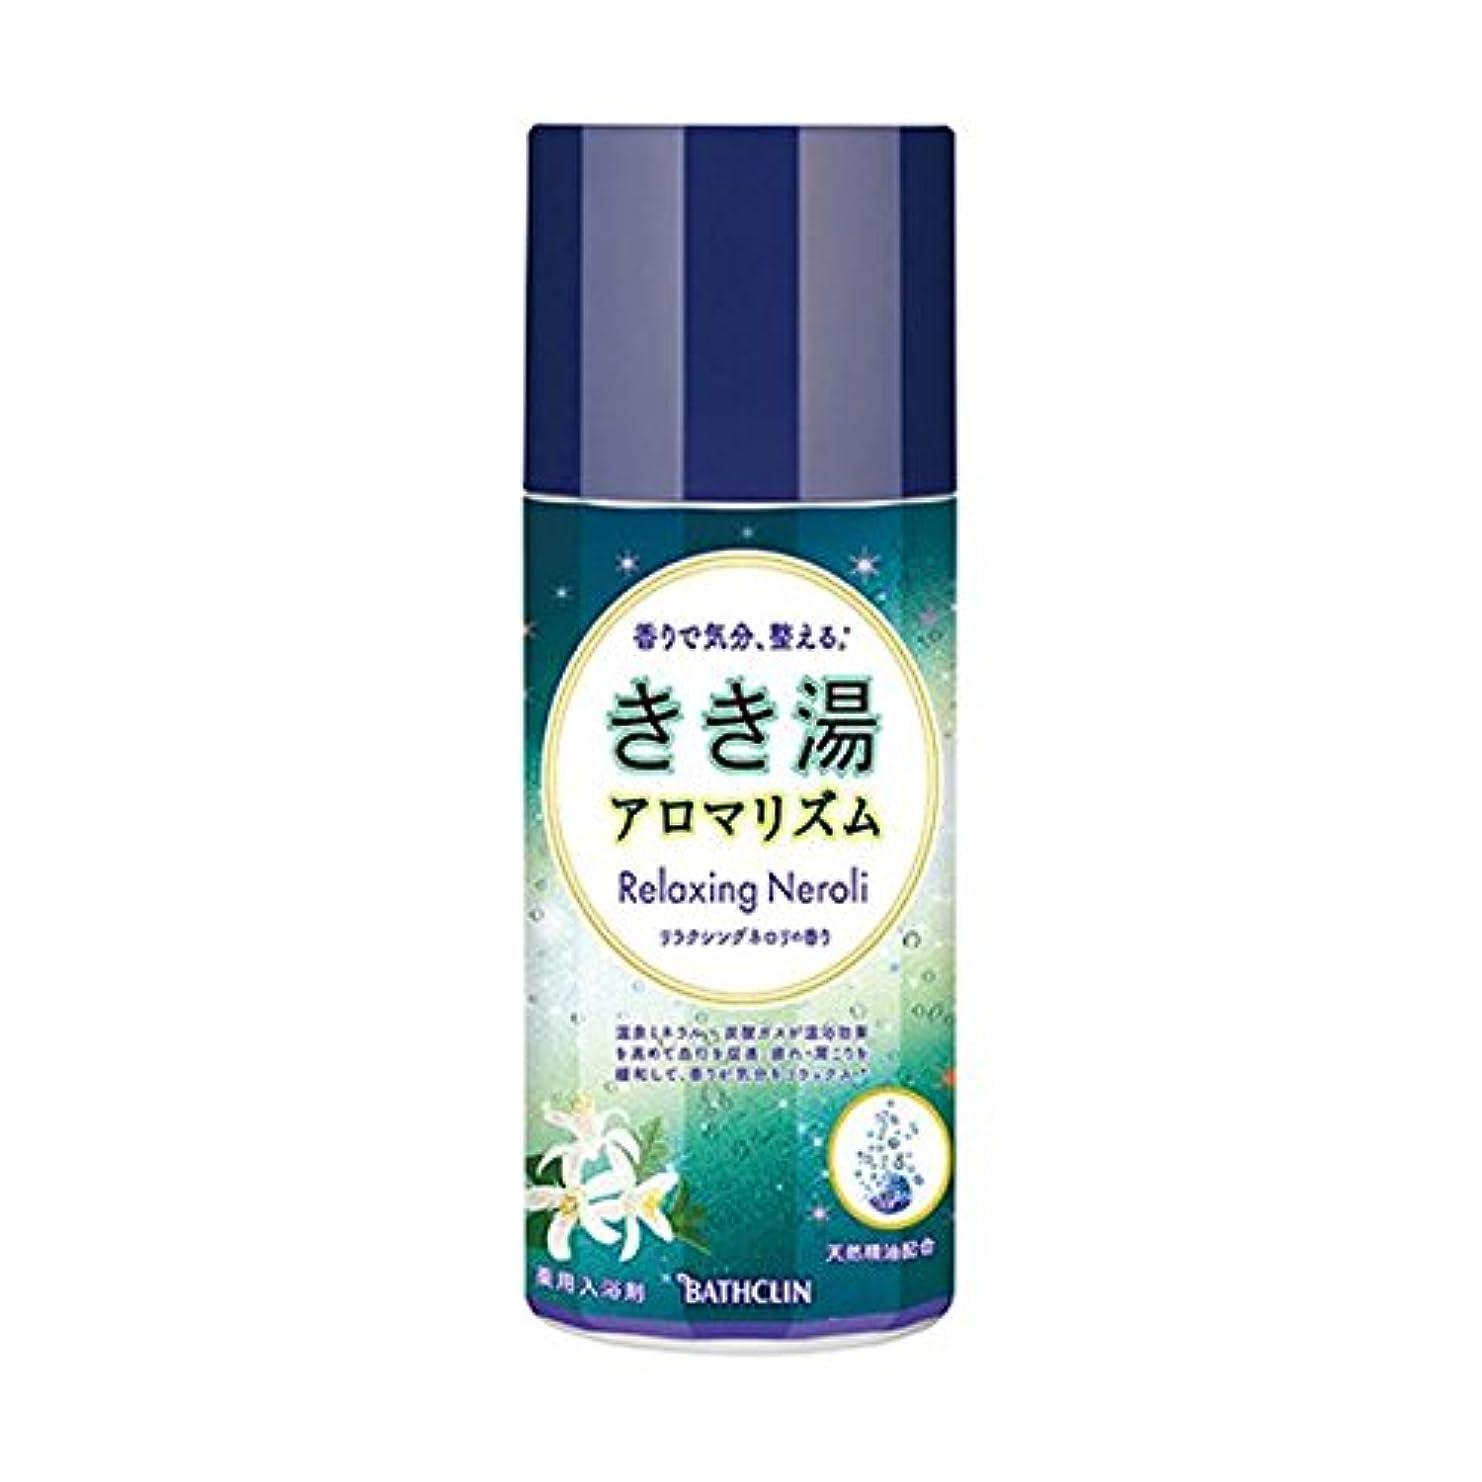 ブランク自然赤ちゃんきき湯アロマリズム リラクシングネロリの香り 360gx3本 (4548514137585)